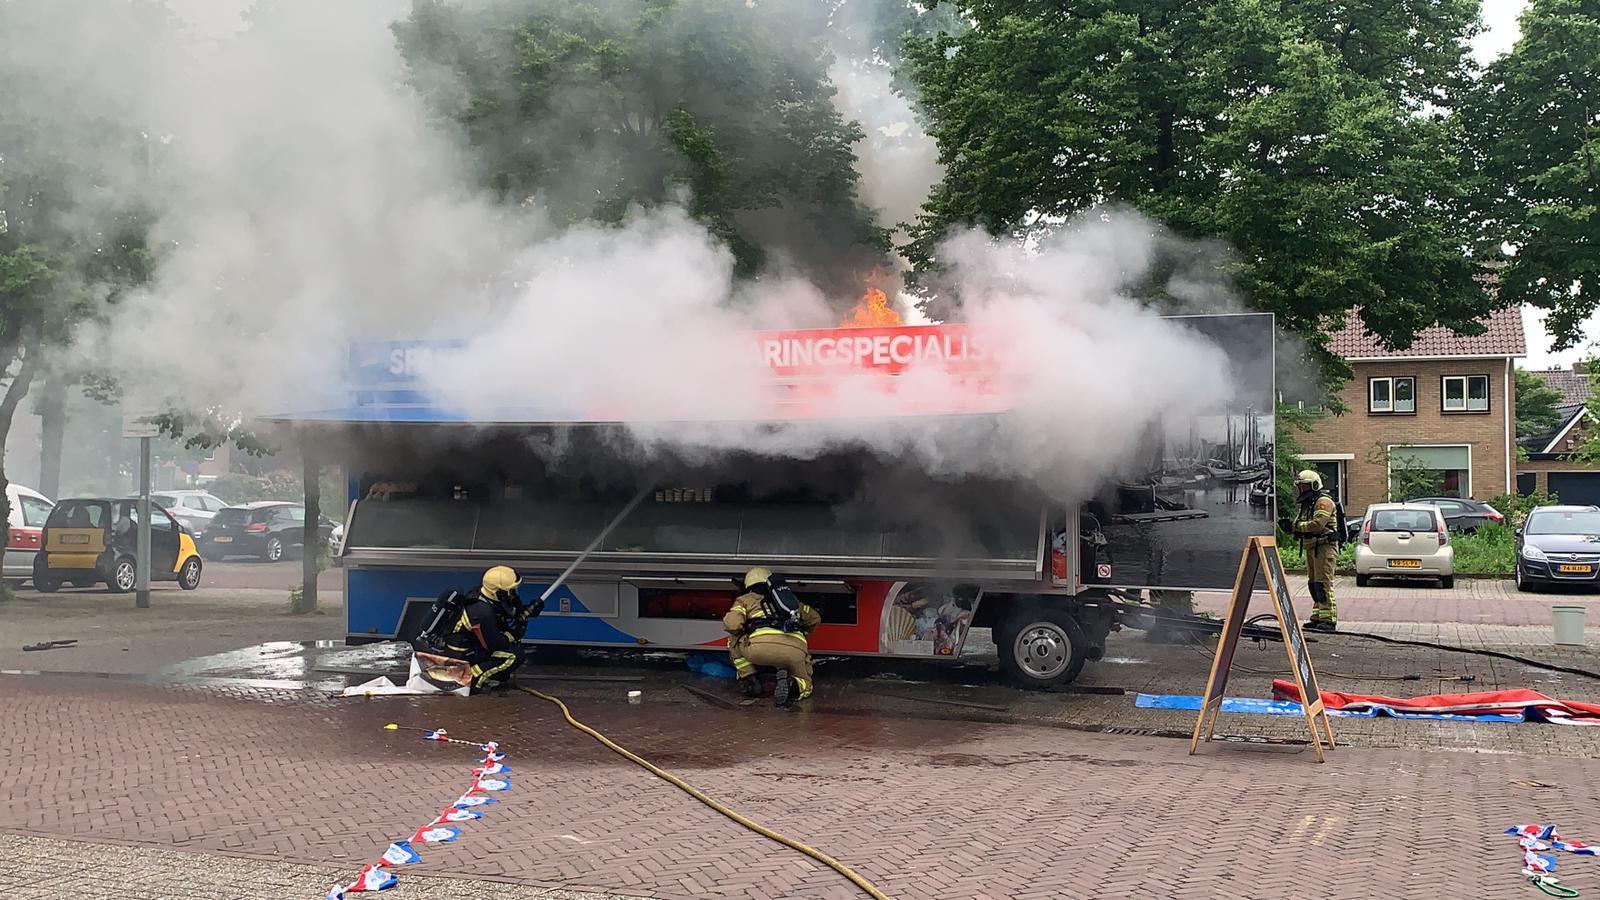 Bij een viskraam die geparkeerd stond op een parkeerplaats in Putten is een brand uitgebroken